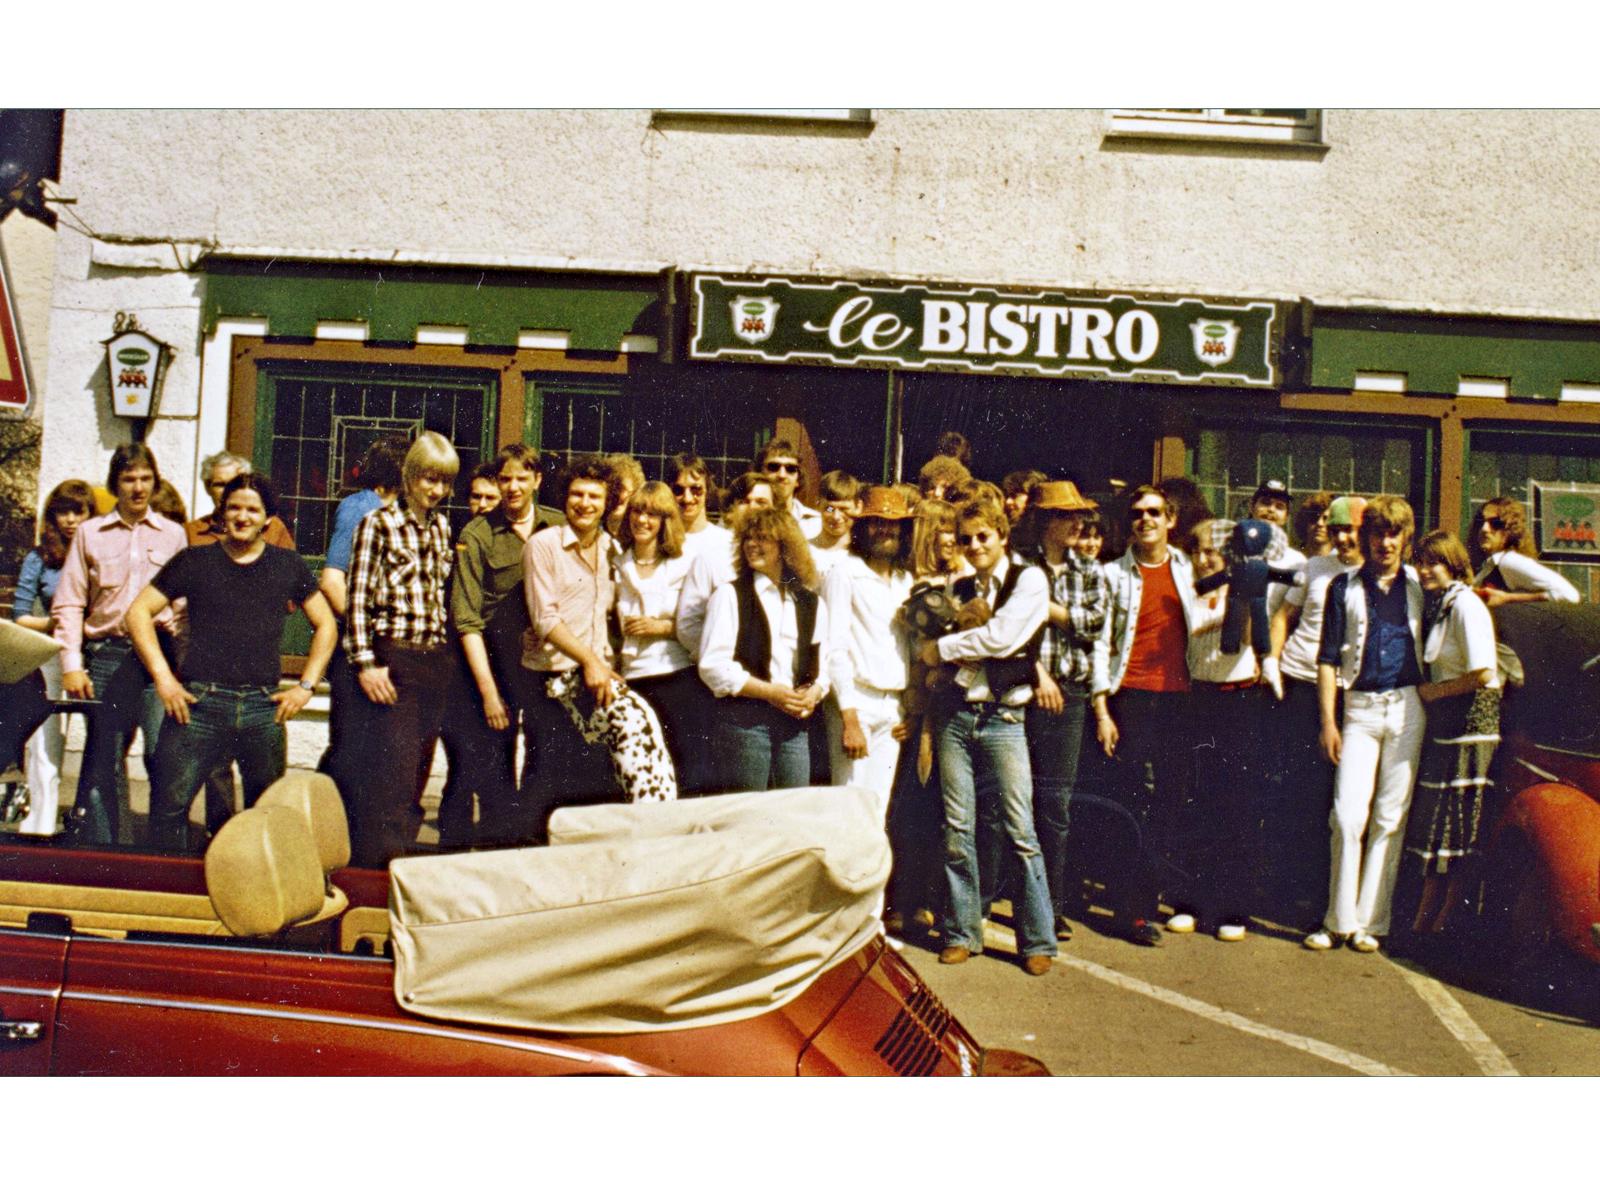 Jugendkneipe Le Bistro, Moltkestraße 32 in Halle Westfalen um 1978. Foto: Leihgabe von Dieter Luedtke.